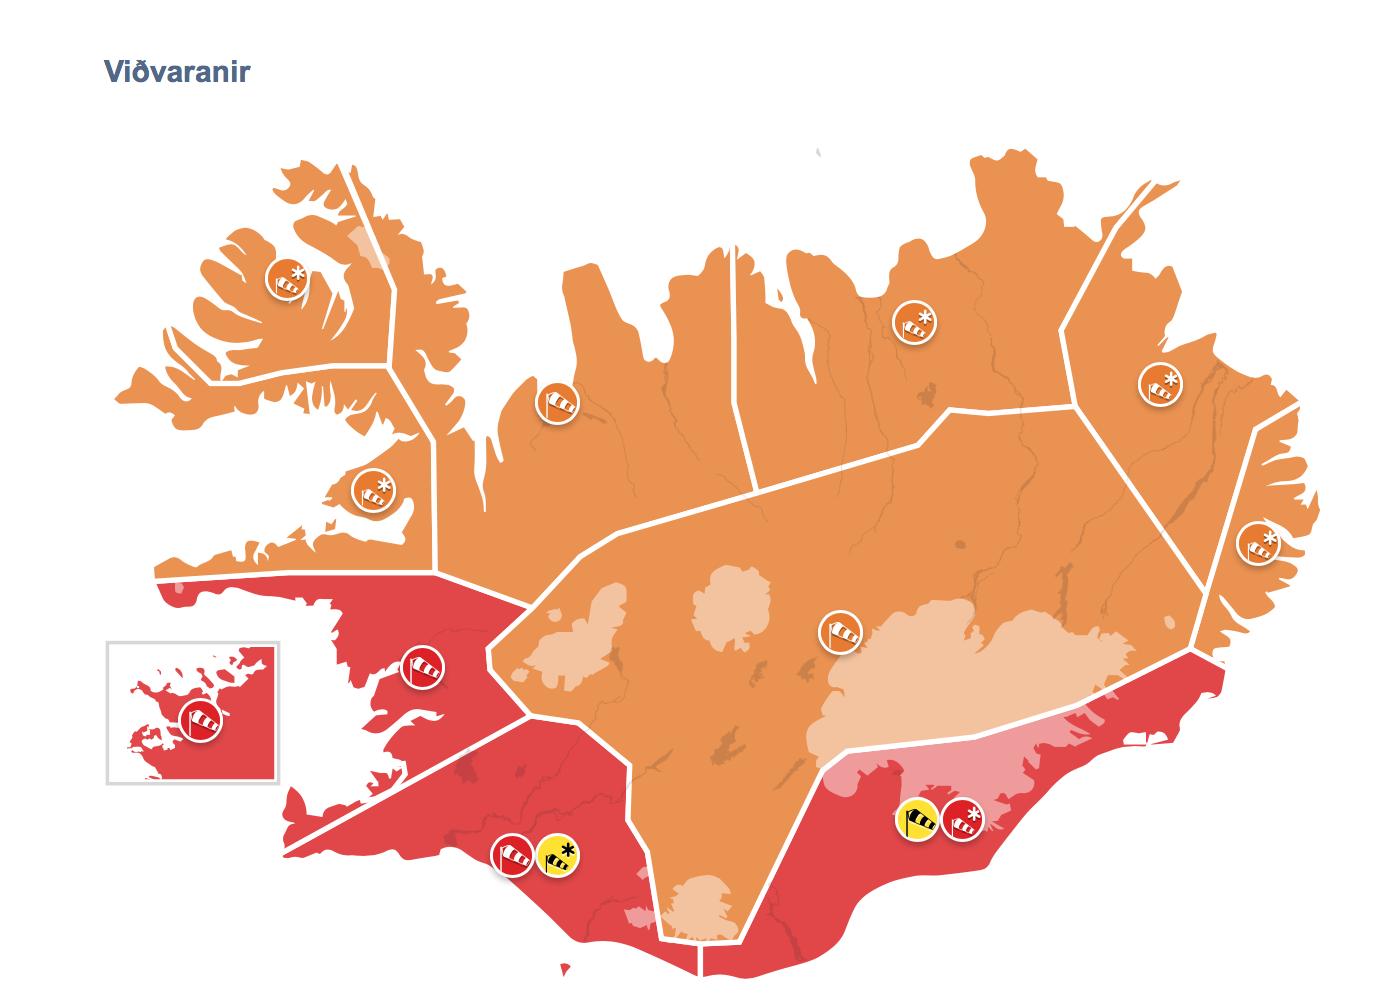 Veðrið: Uppfært í rautt meðal annars á höfuðborgarsvæðinu